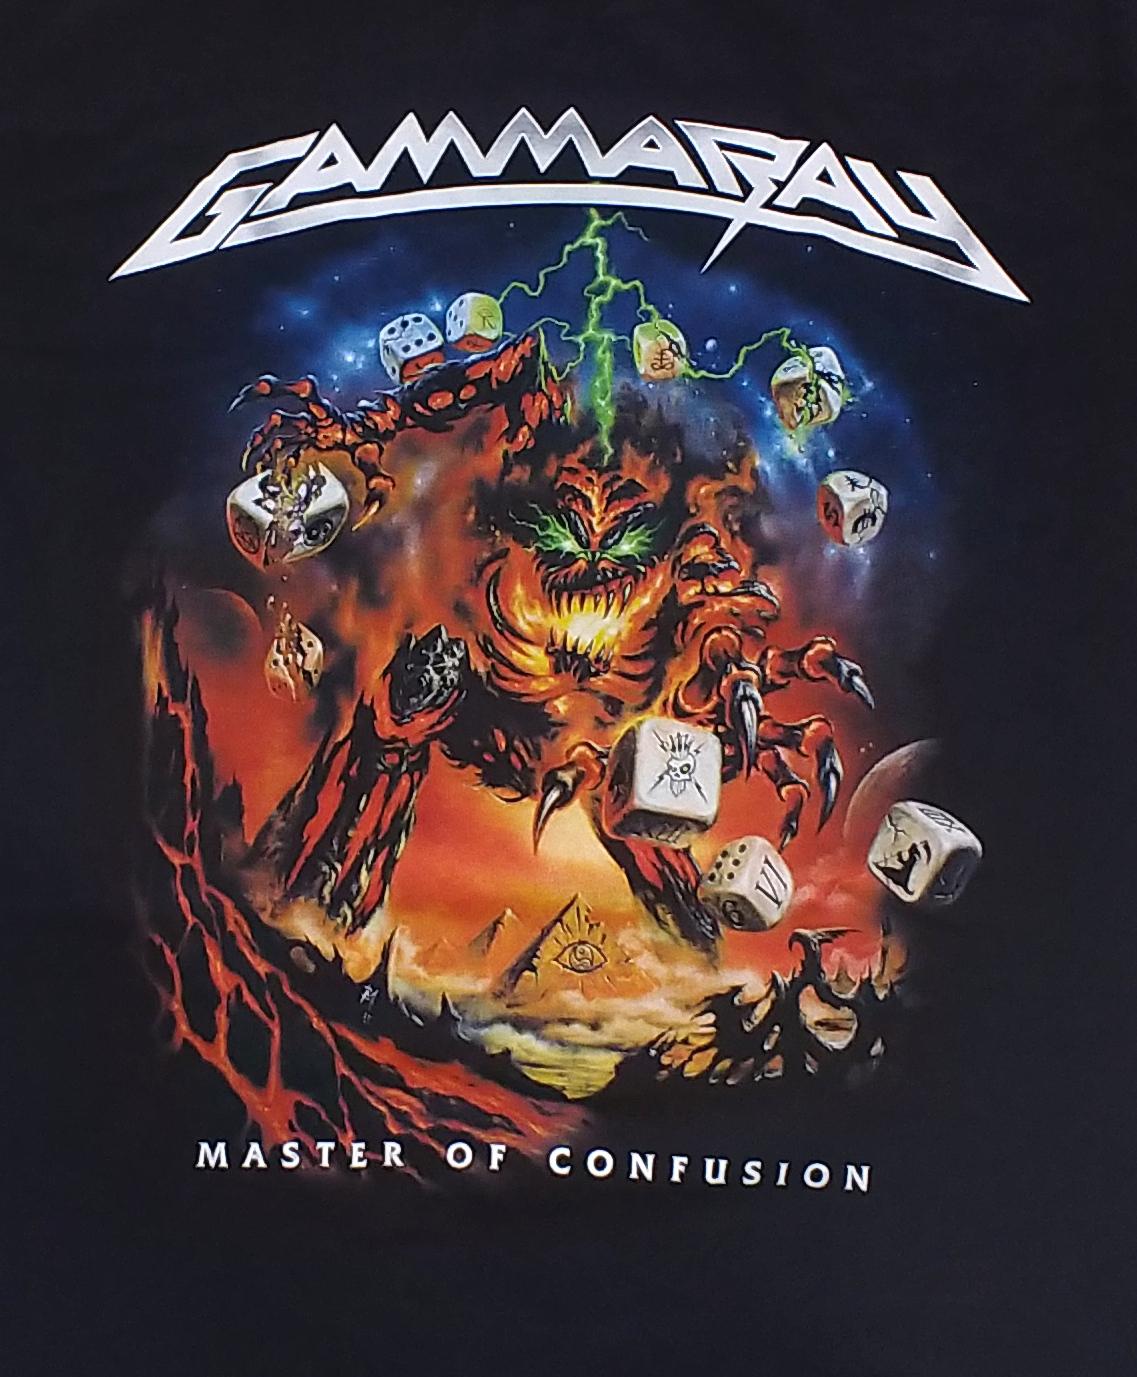 【在庫有り商品】GAMMA RAY -ガンマ・レイ- MASTER OF CONFUSION 「マスター・オブ・コンフュージョン」 Tシャツ Lサイズ【コレクターズアイテム】